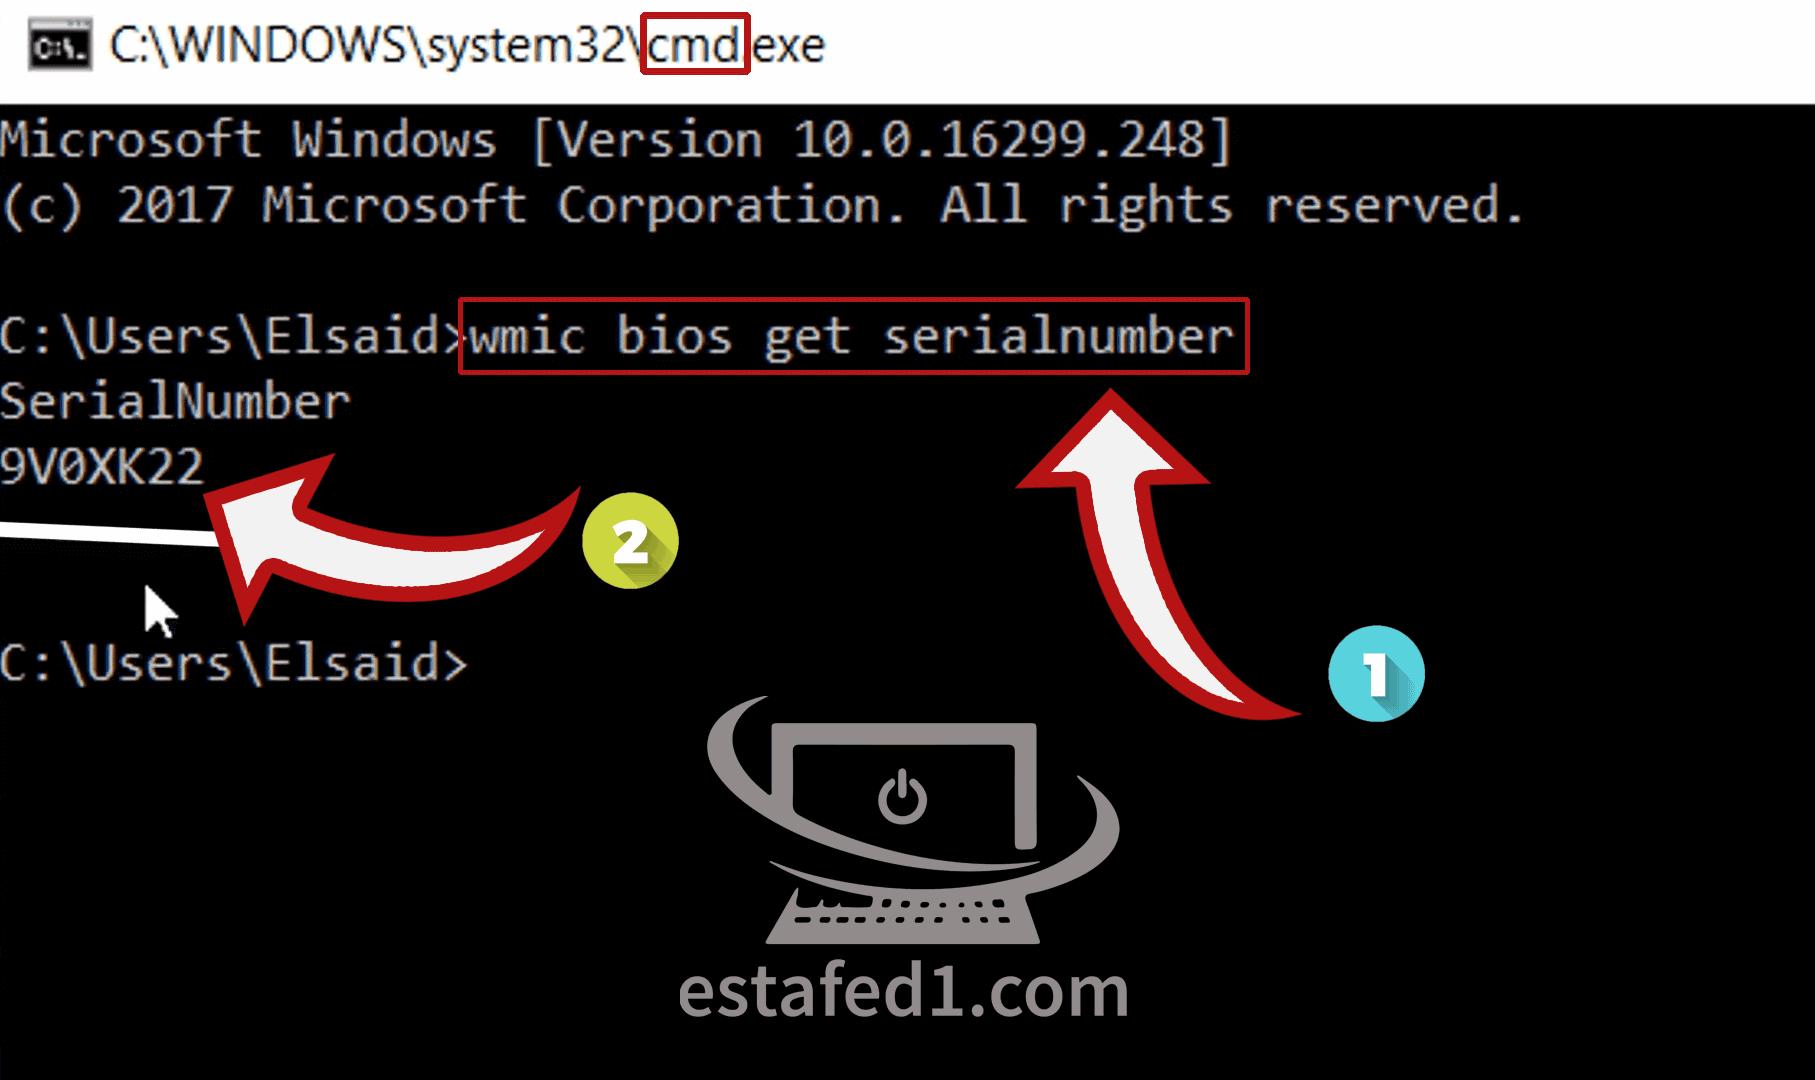 تحميل-وتثبيت-جميع-التعريفات-الأصلية-لأجهزة-hp-من-الموقع-الرسمي-_-استفد-2-1-screenshot